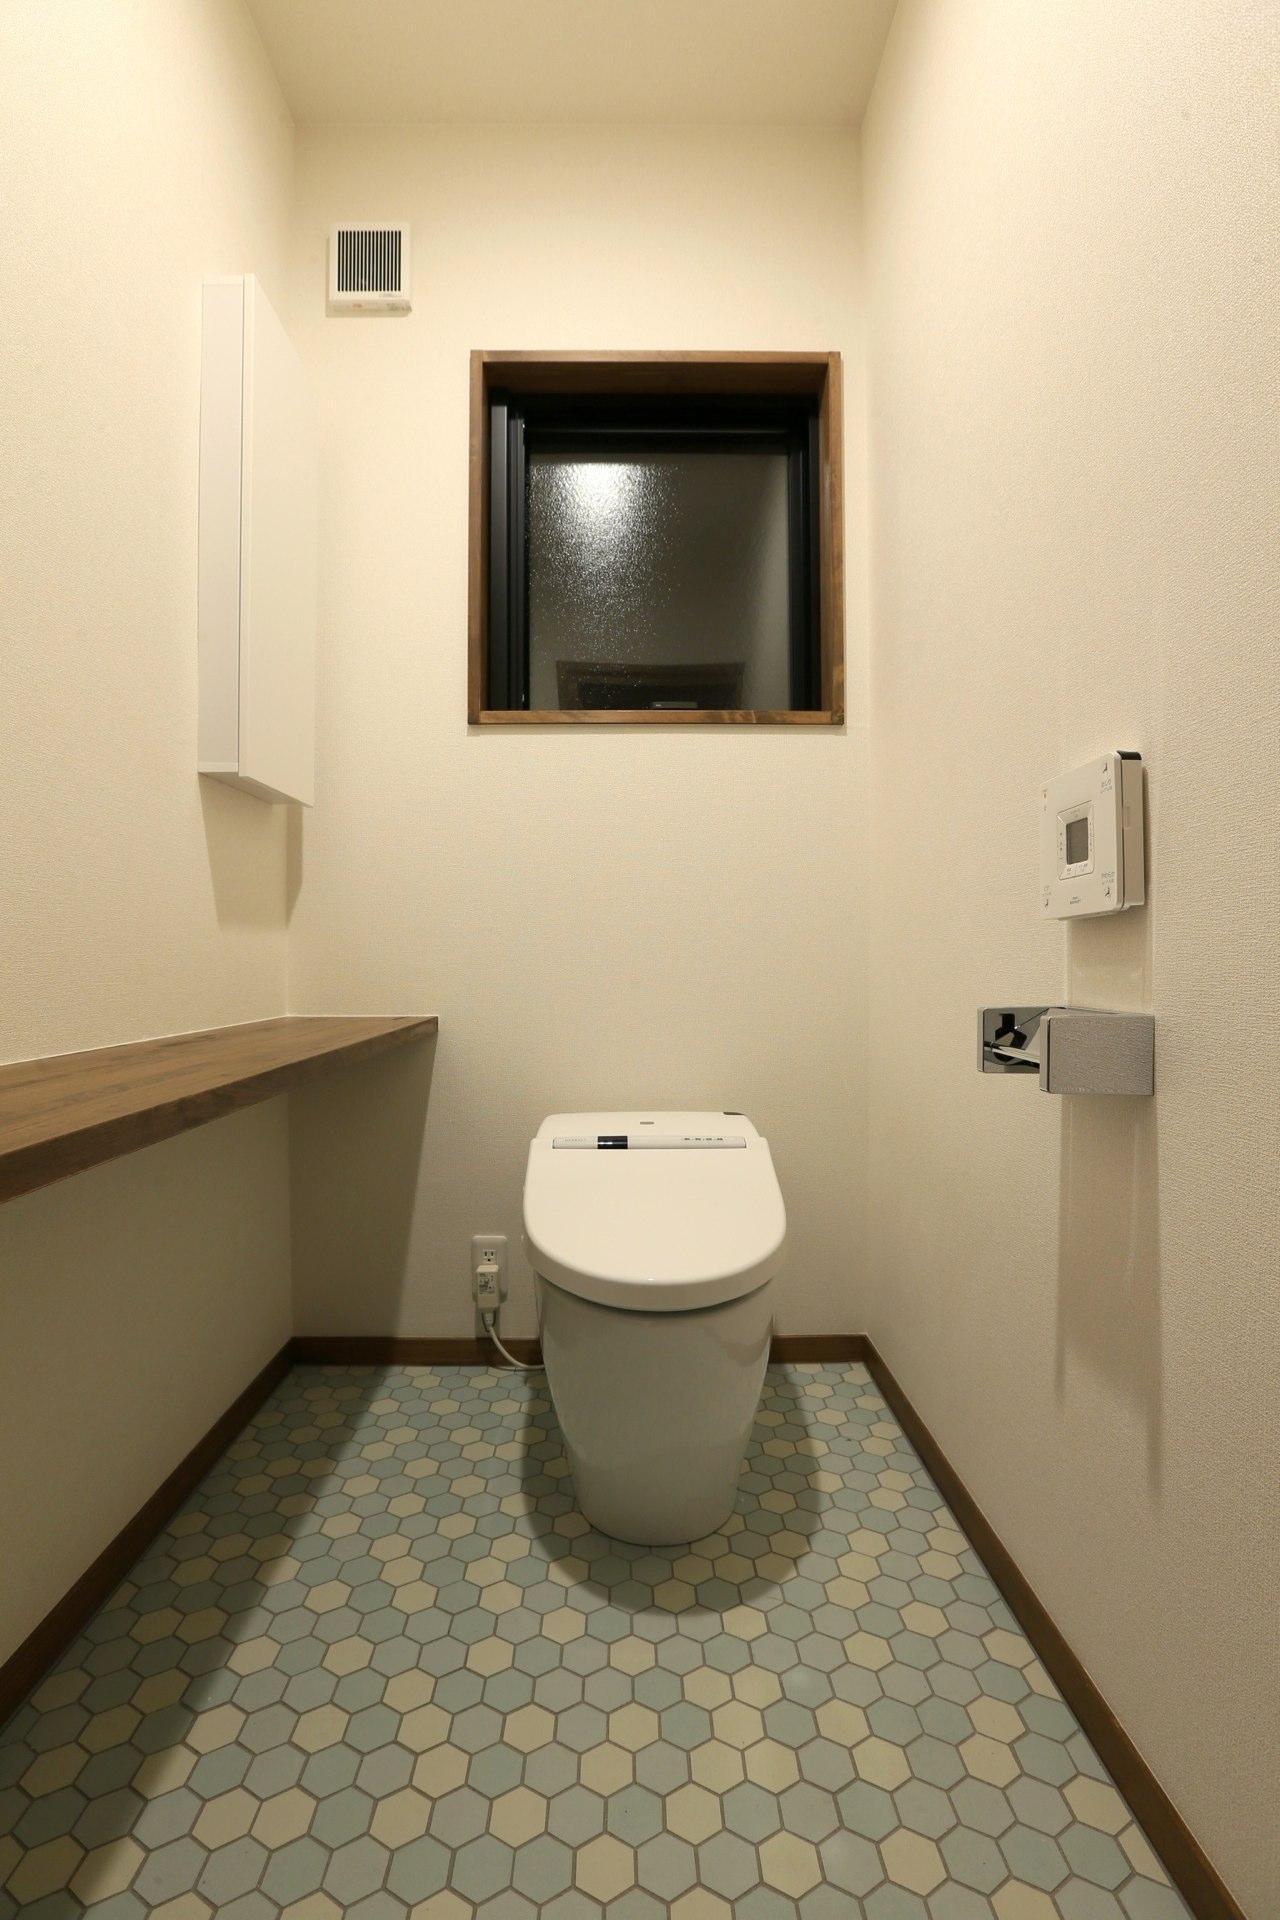 K's residence (ヘキサタイル床のトイレ)